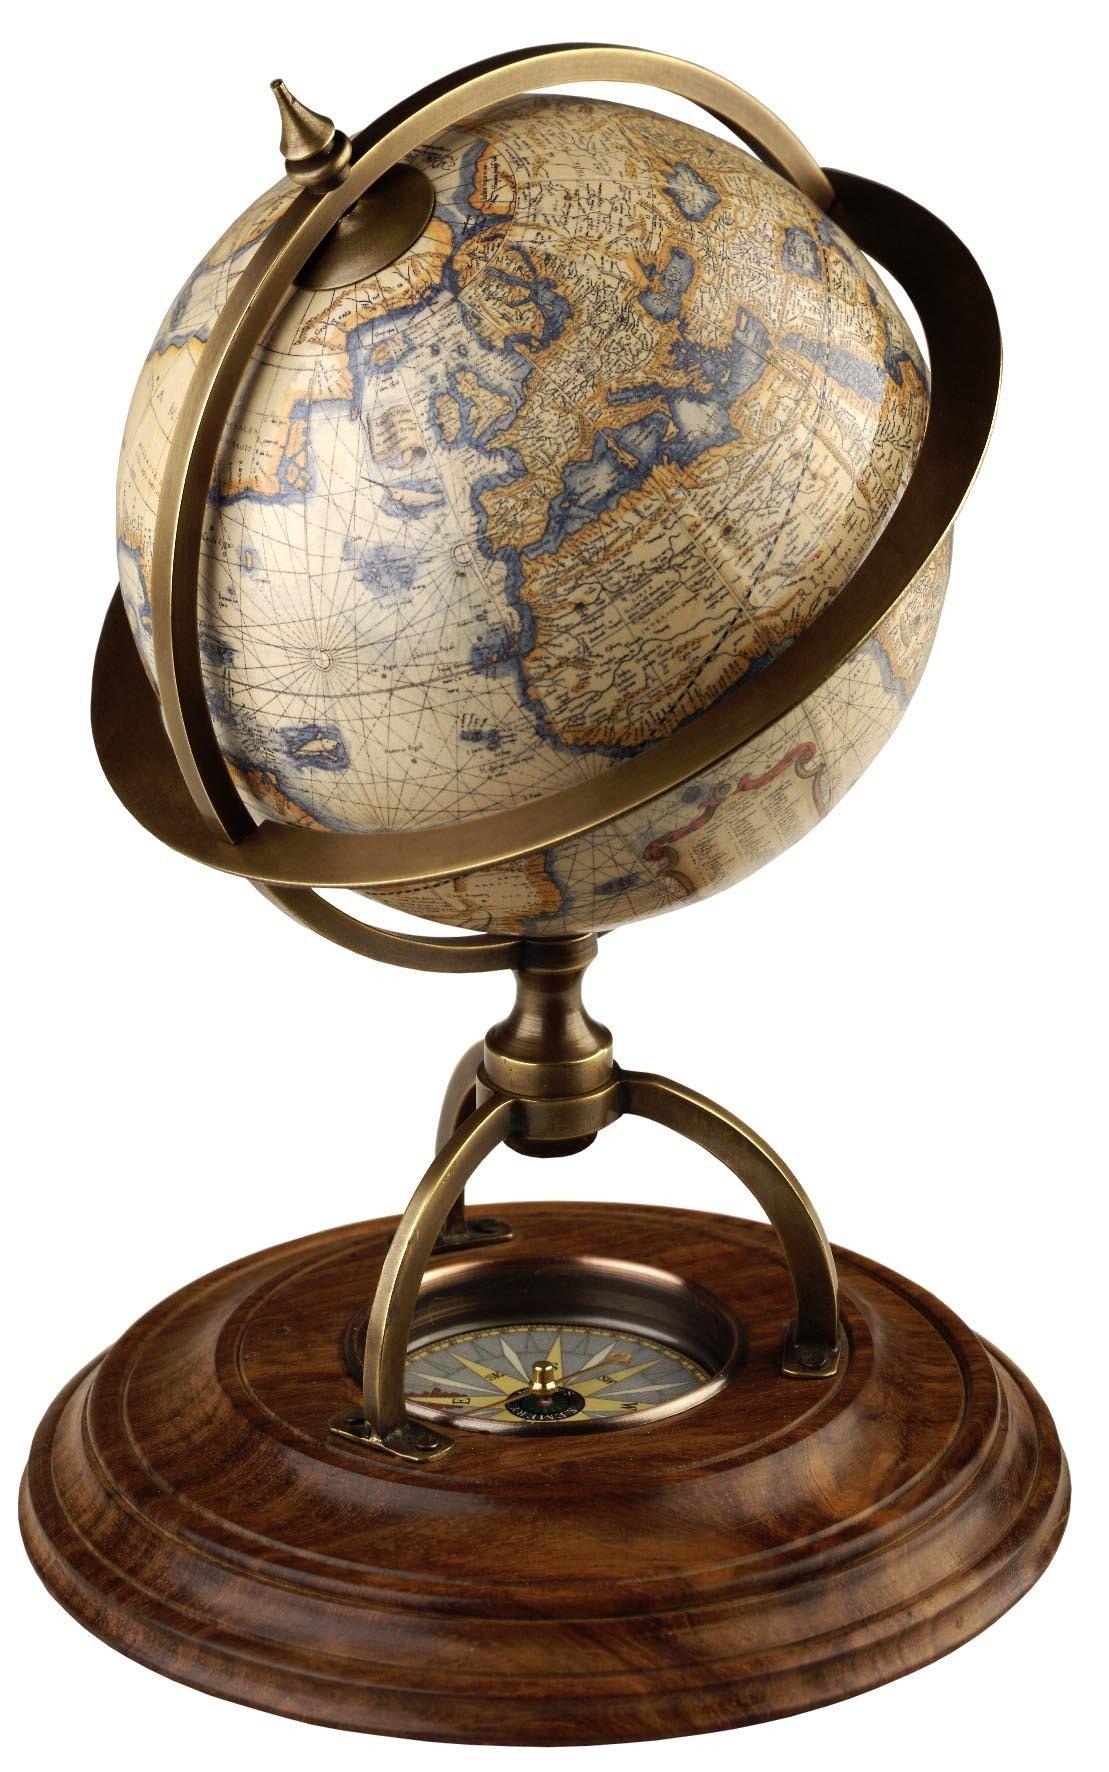 Terrestrial Globe with Compass Globe GL019  Authentic Models Globes / Wereldbollen  Globes Wereld als geheel